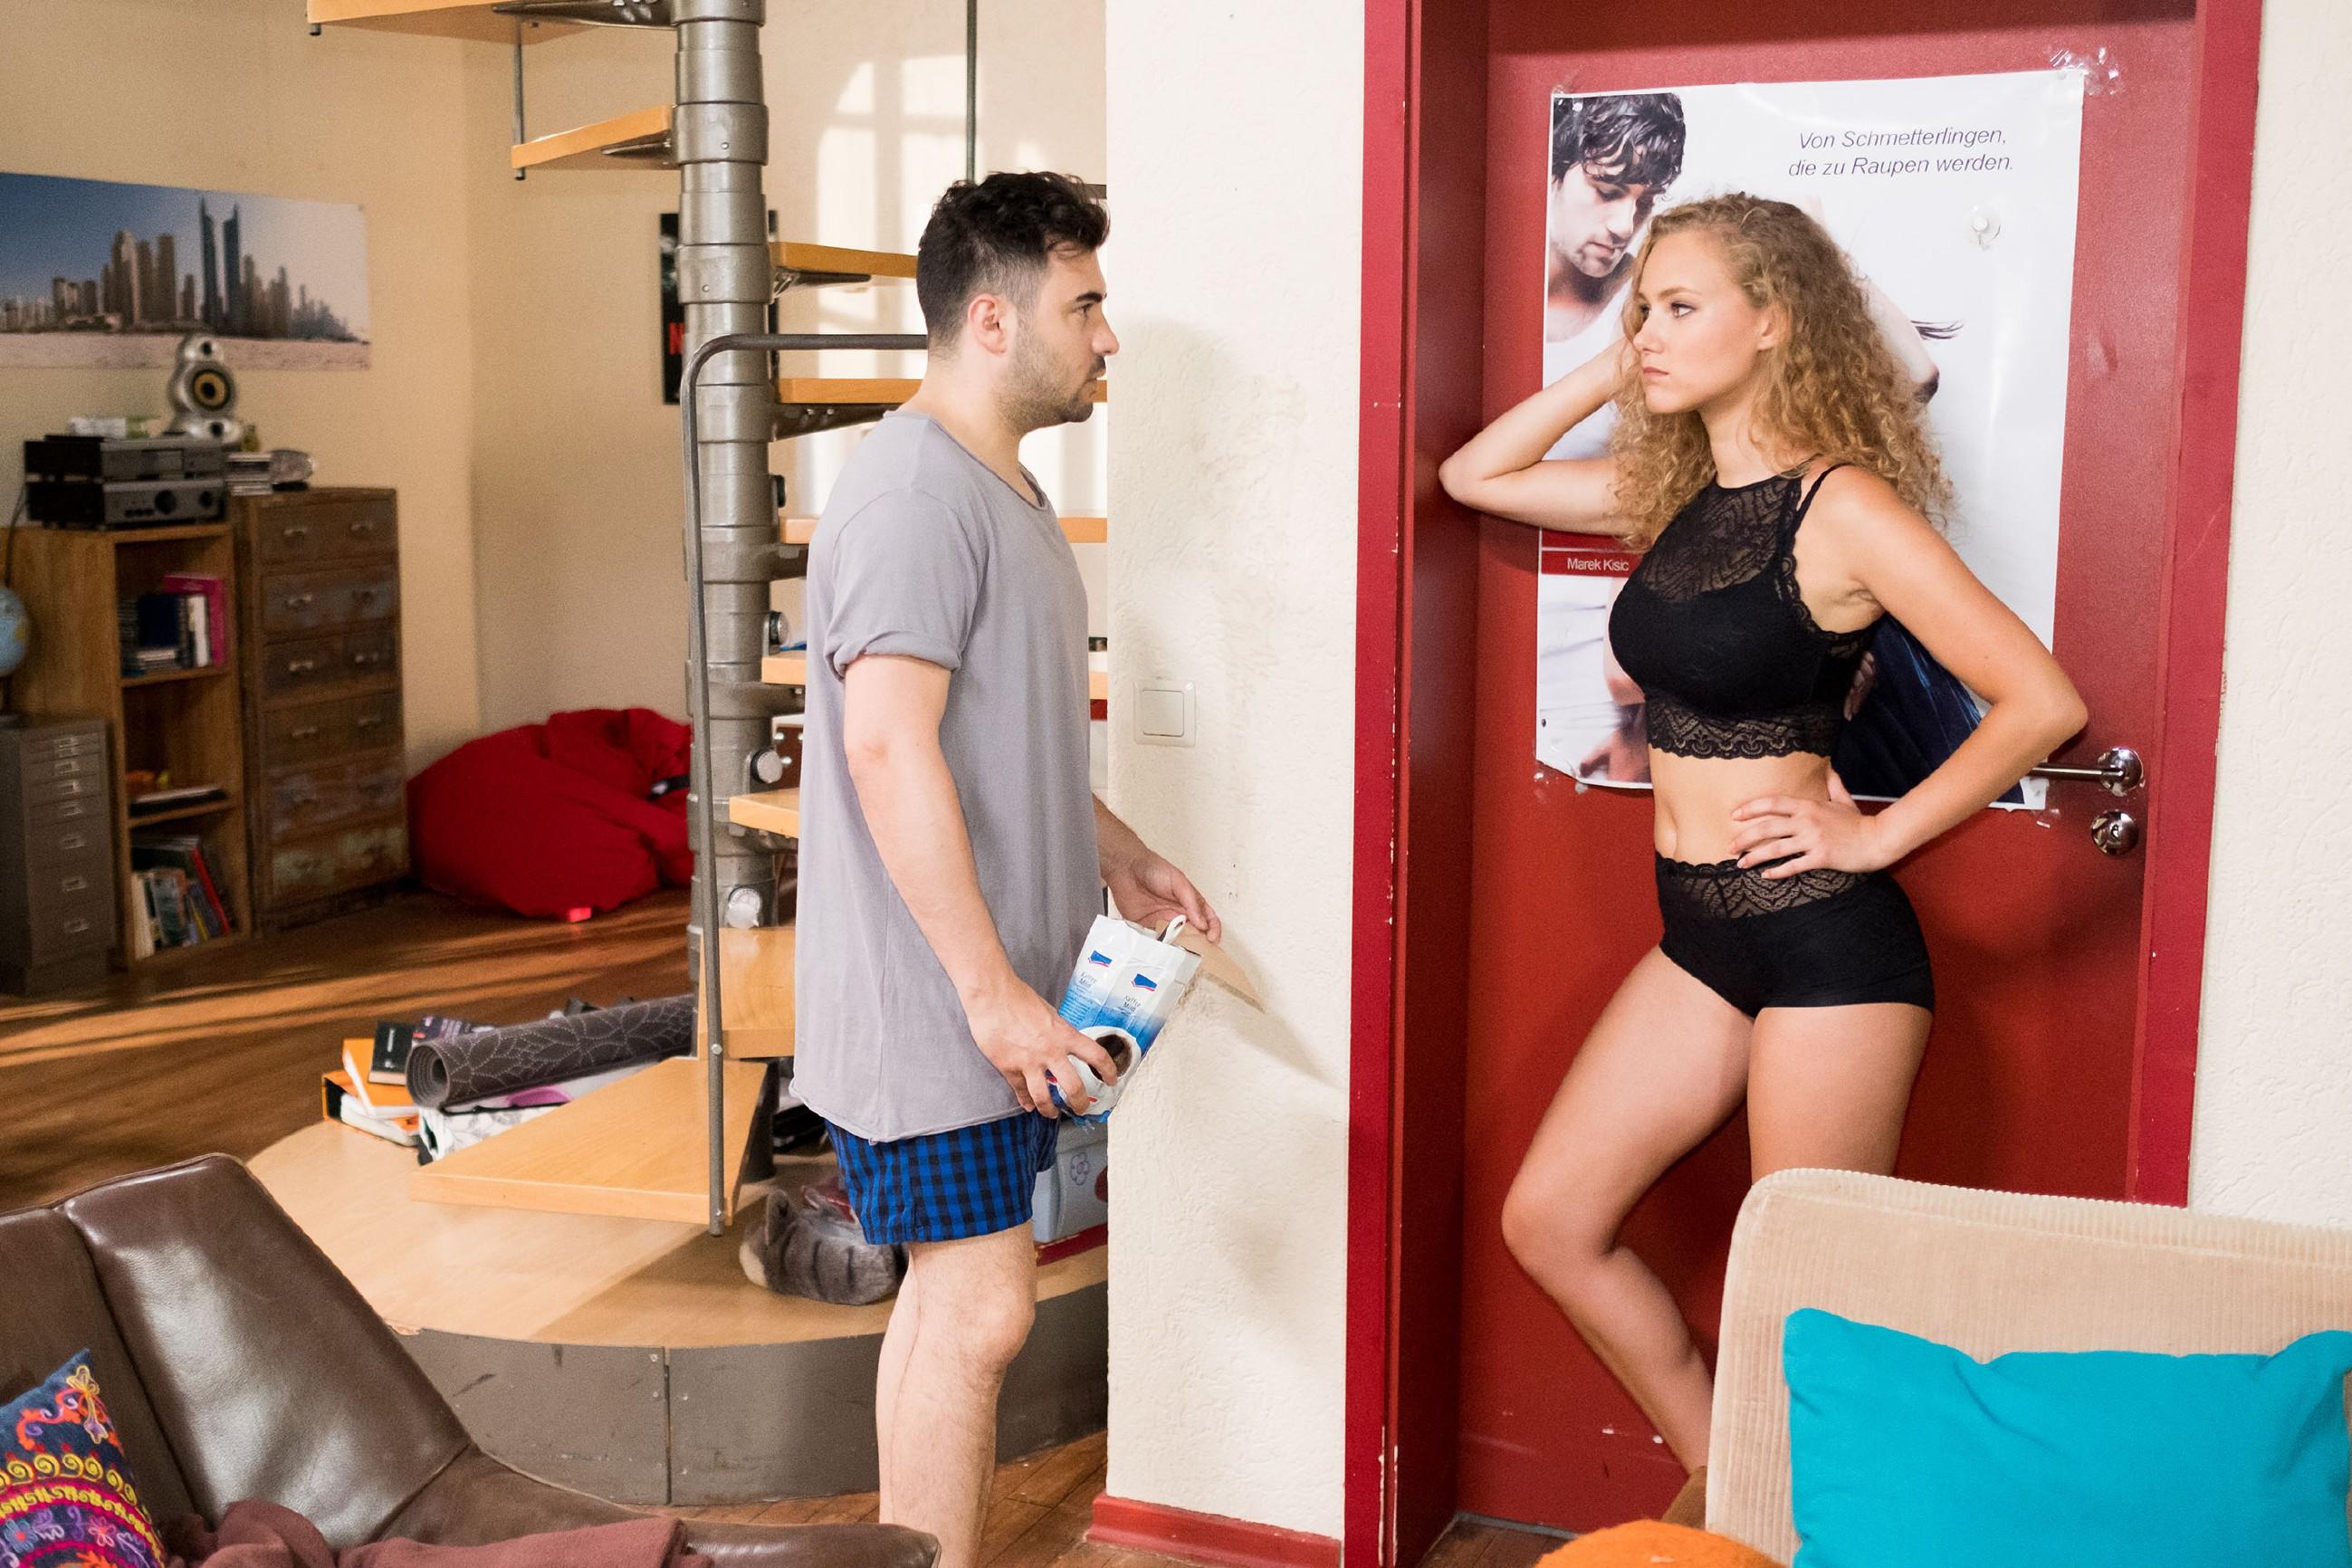 KayC (Pauline Angert) nutzt Easy (Lars Steinhöfel), um ihren Sexyness-Faktor am Mann unter Beweis zu stellen. (Quelle: RTL / Stefan Behrens)